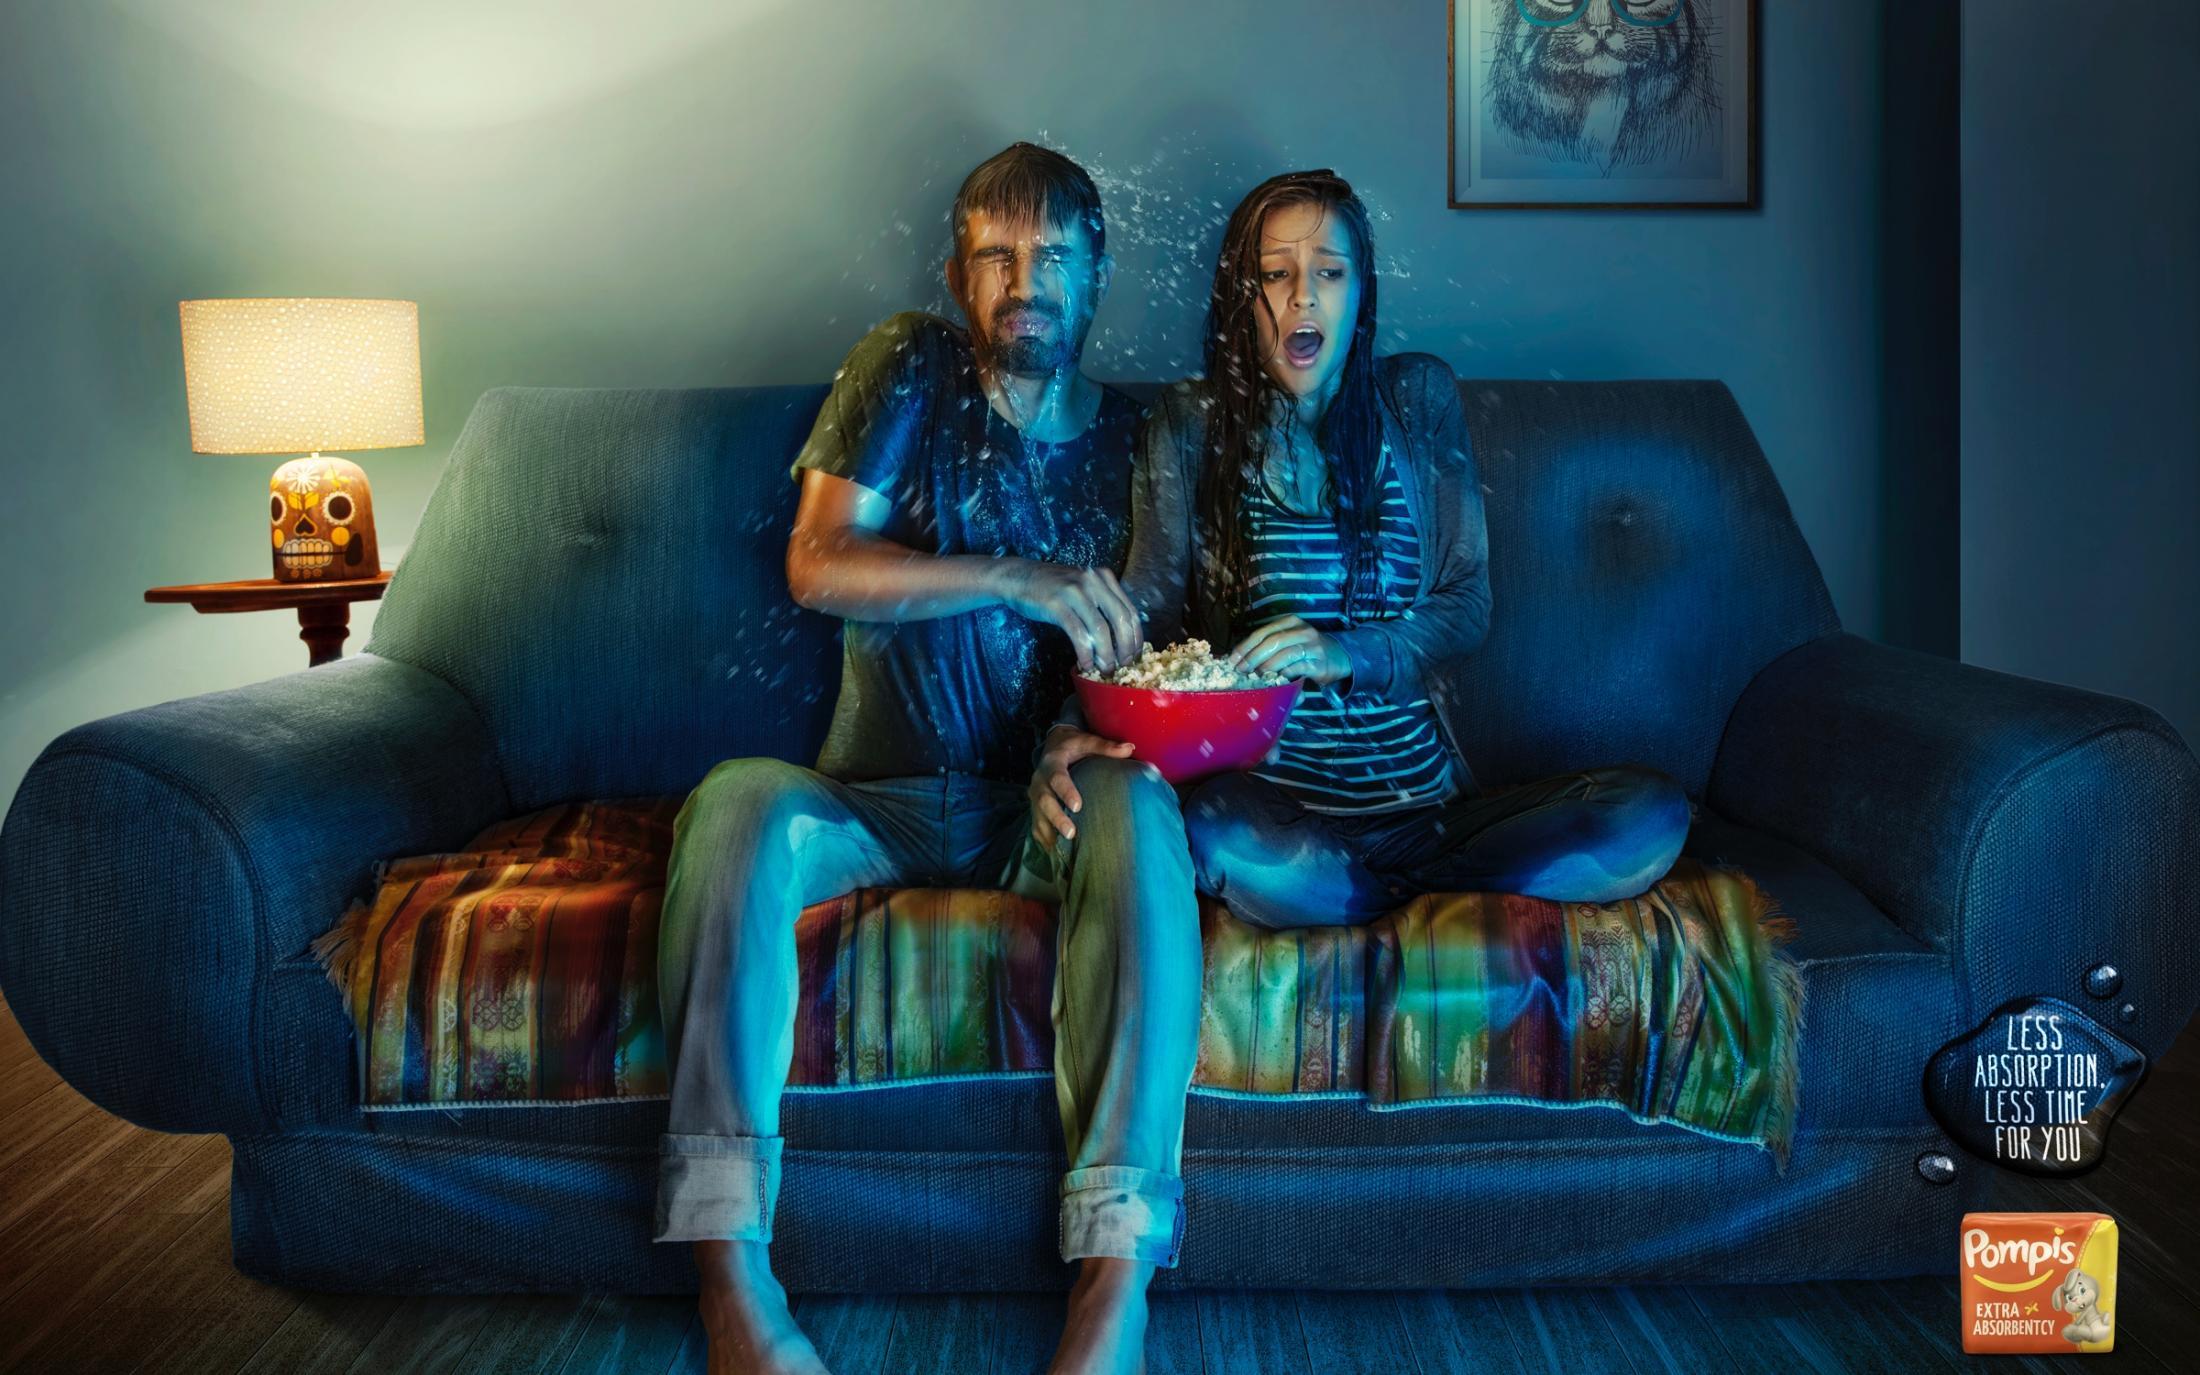 Pompis Print Ad -  Splash, Sofa